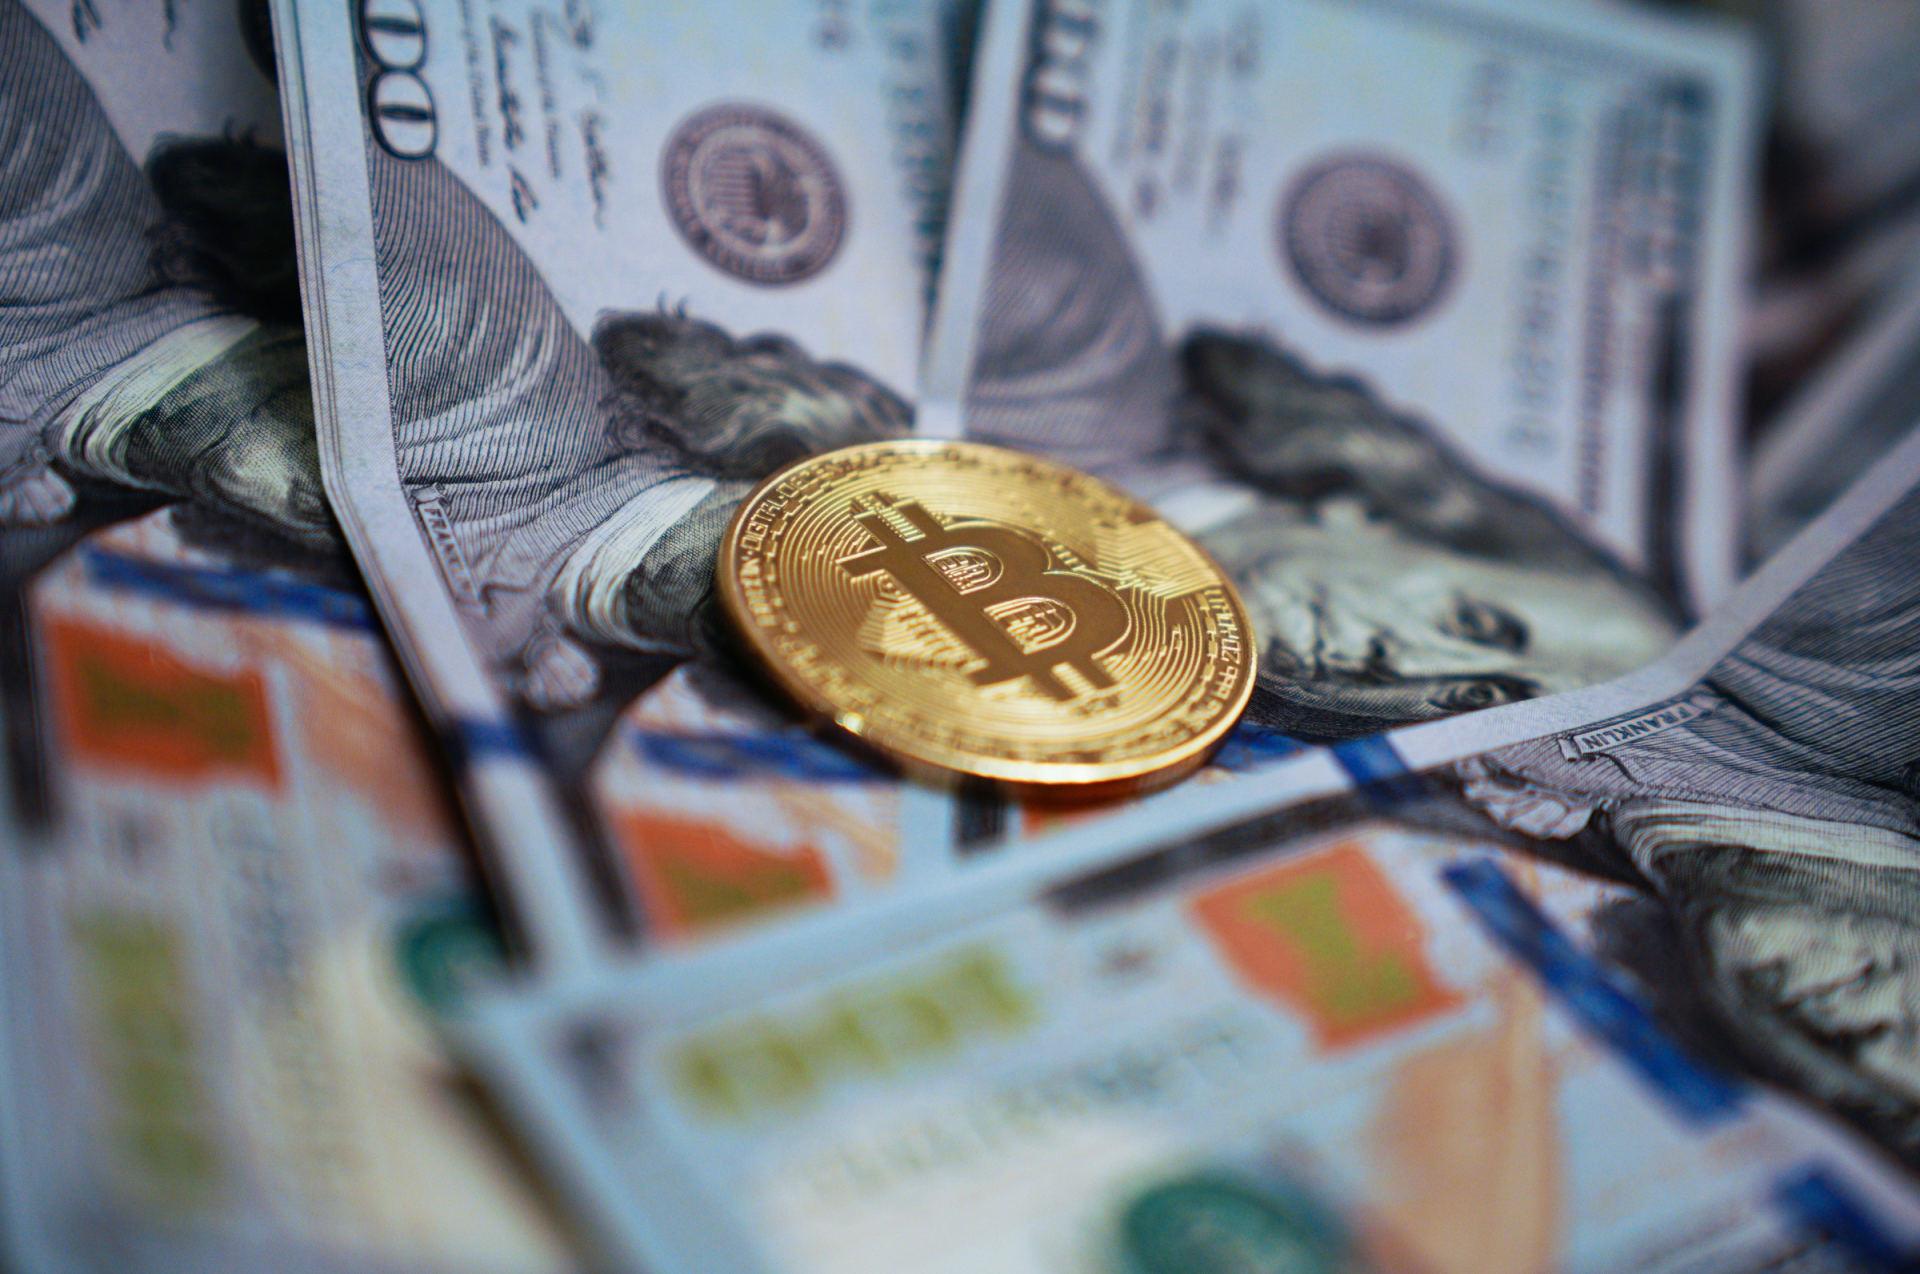 ar galiu prekiauti bitkoinais grynj pinig programoje nepastovumo porų prekybos strategija